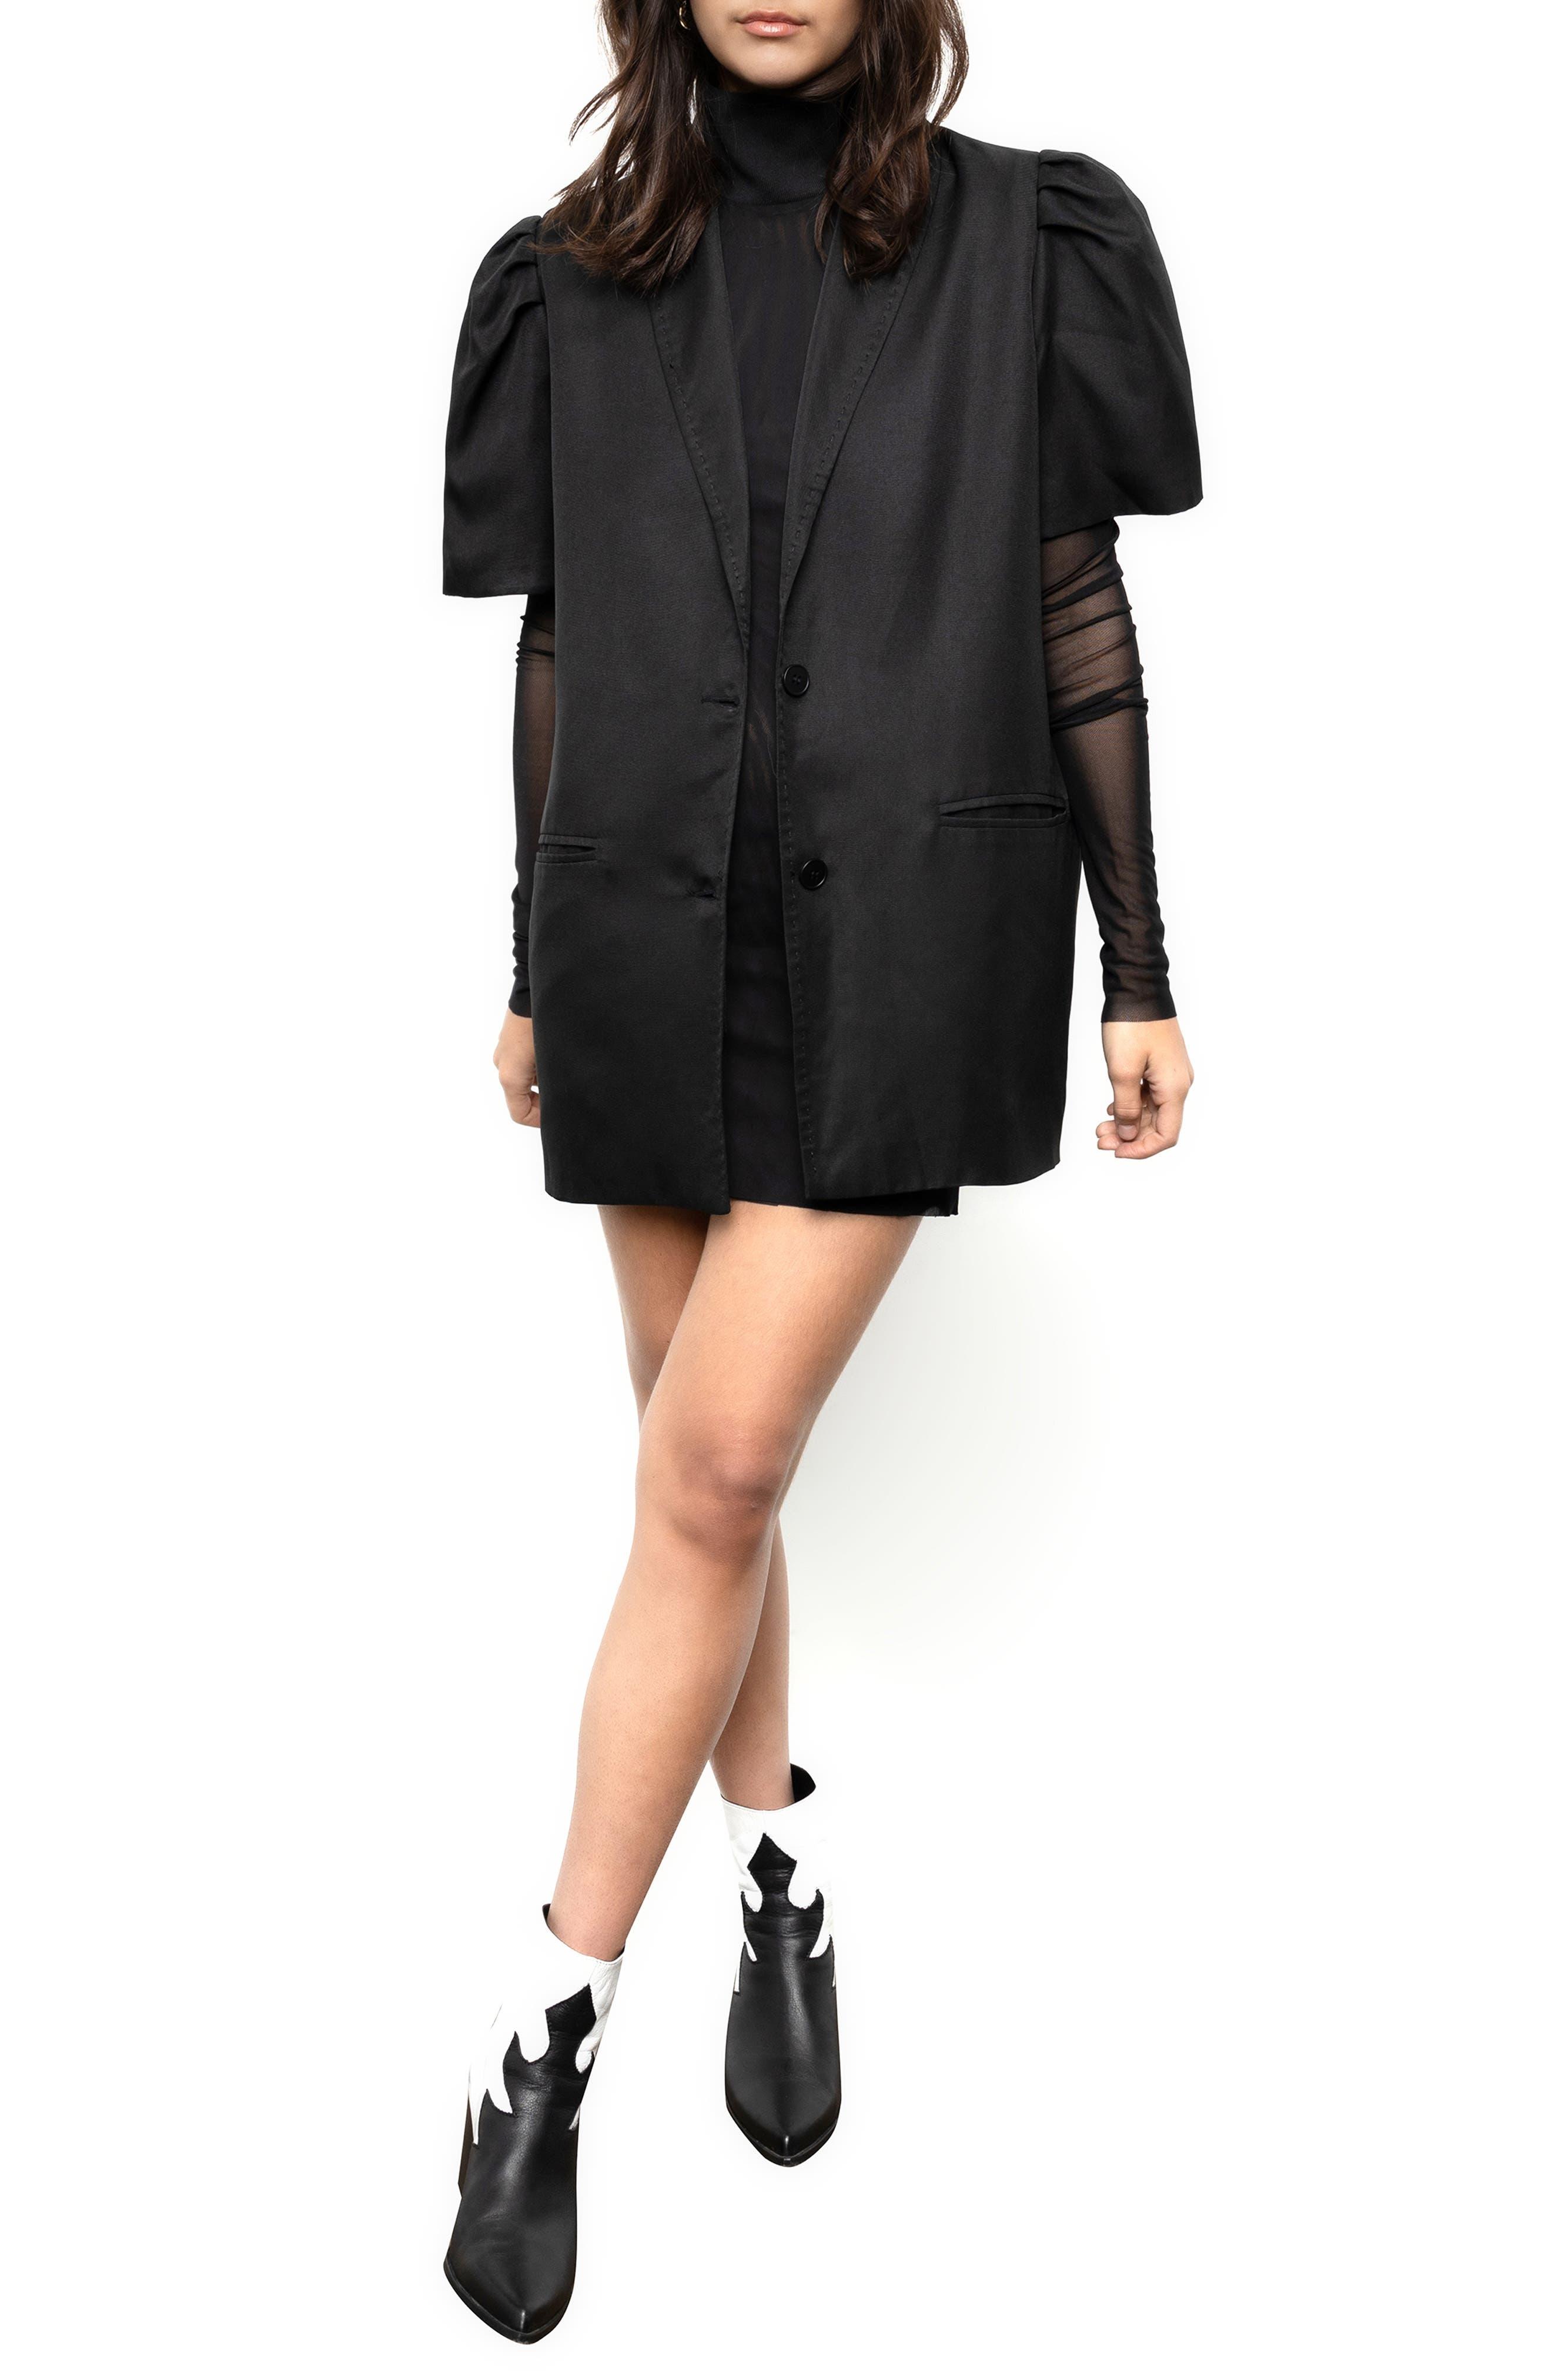 Hekla Oversize Short Sleeve Jacket